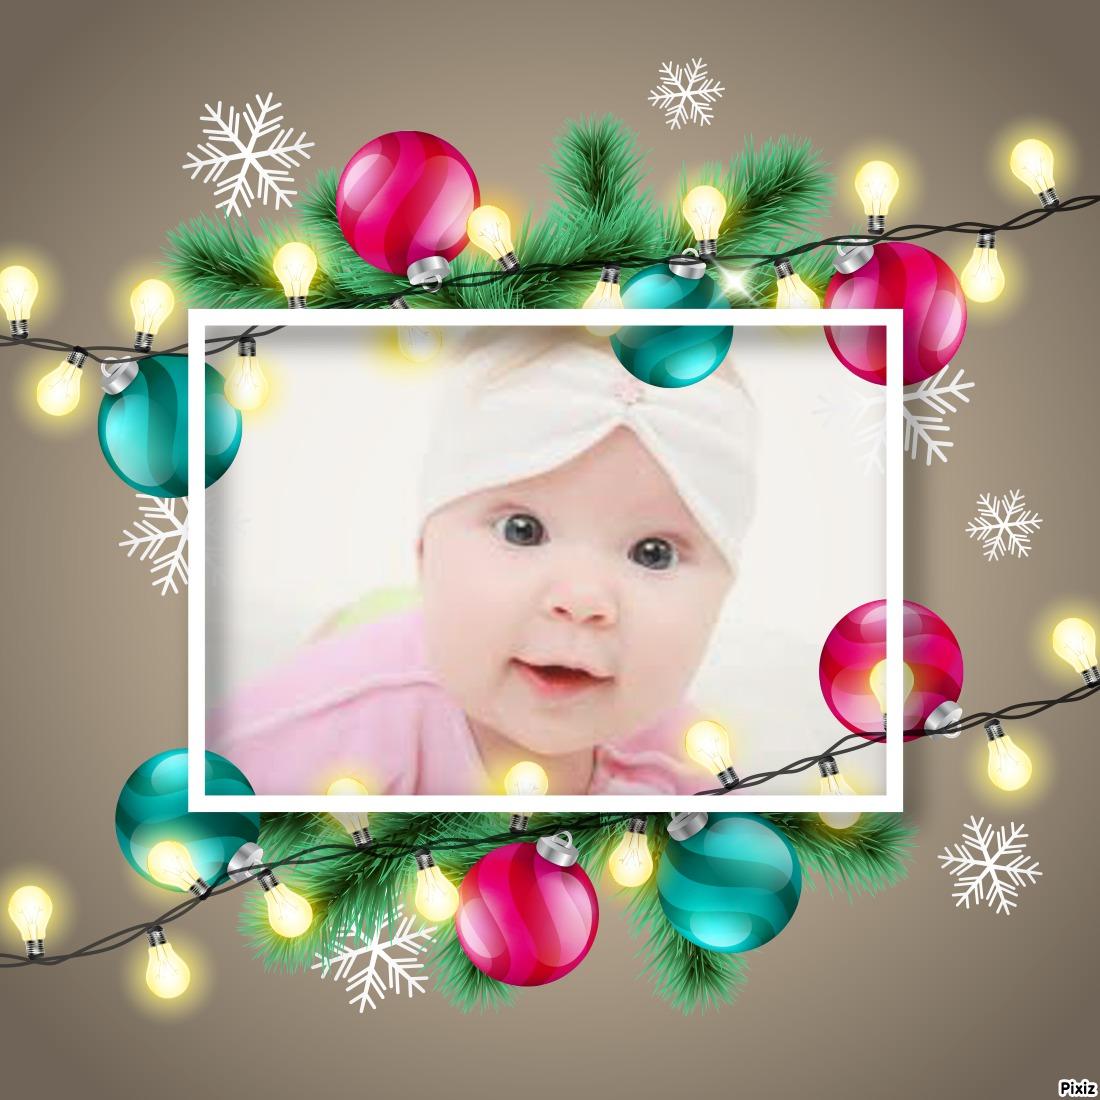 Editar Fotos De Navidad Para Niños